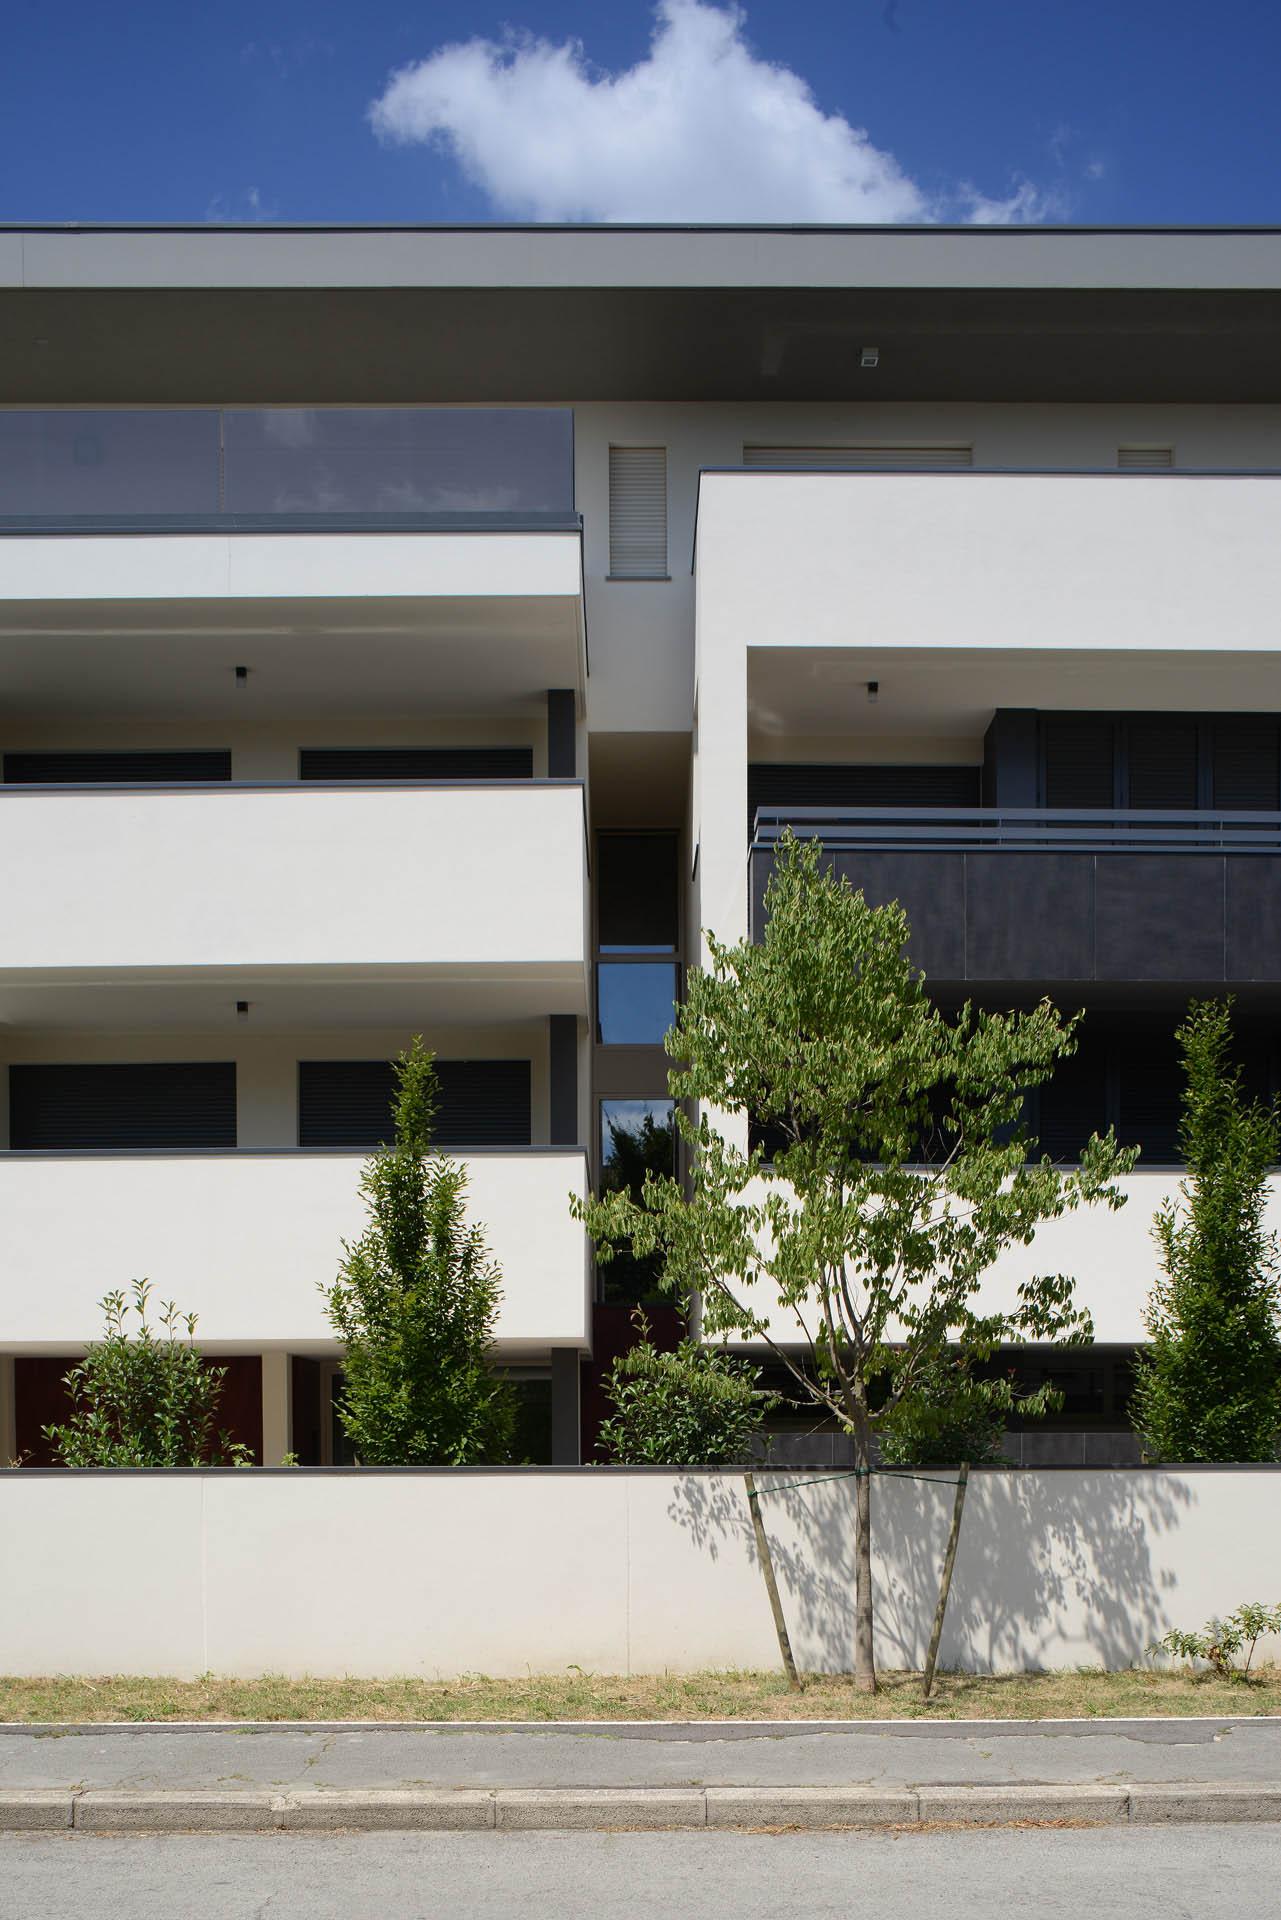 00 Studio Bacchi architetti associati Condominio Schuman copertina 04